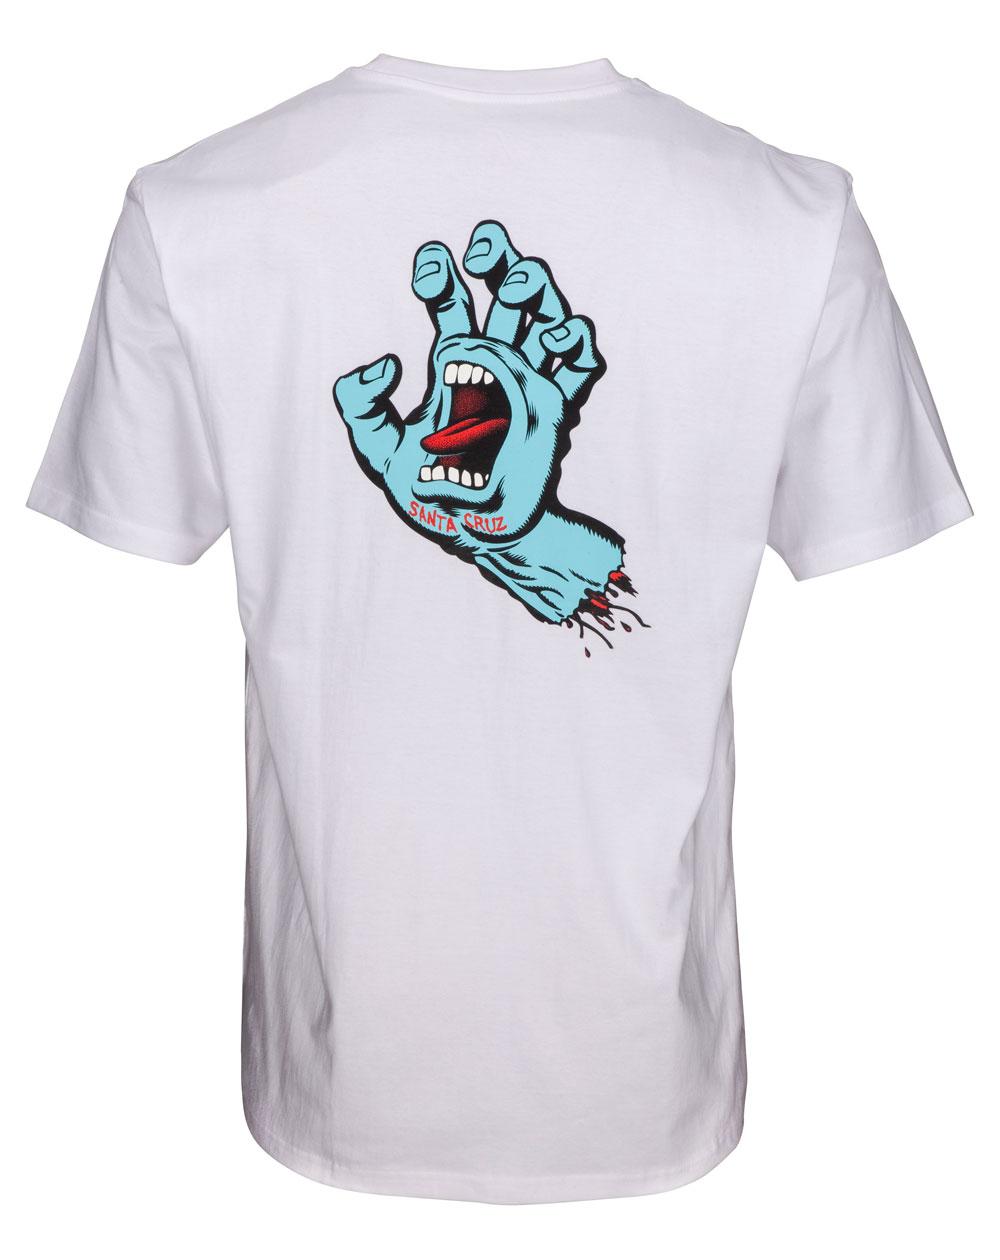 Santa Cruz F.S.U. Hand Camiseta para Homem White